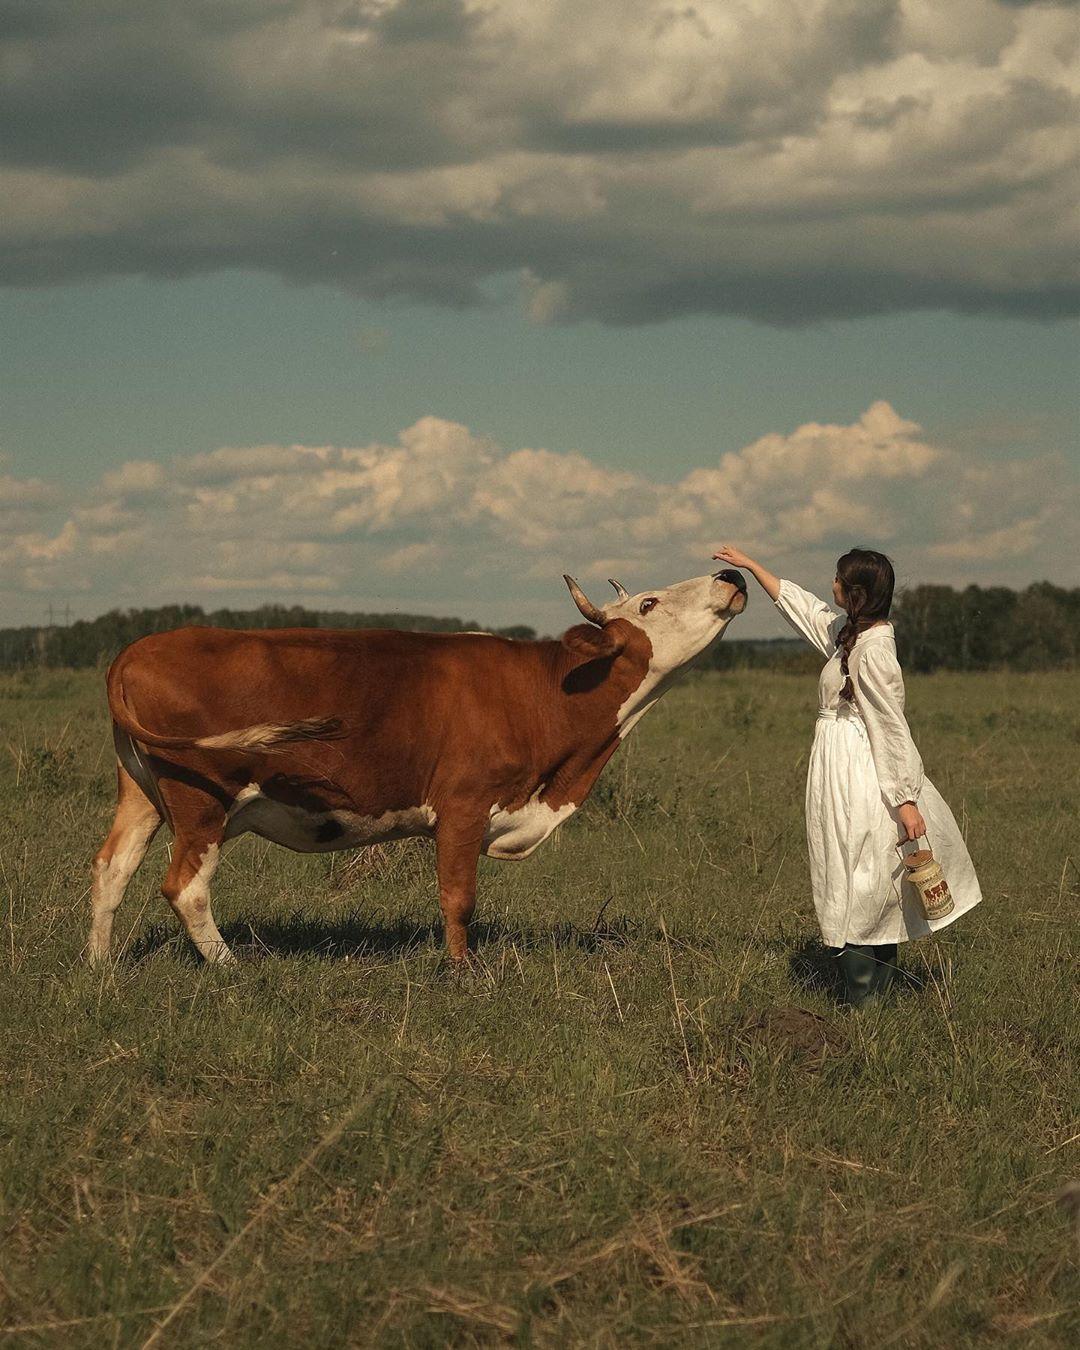 cô gái với phong cách thời trang cottagecore chơi với bò giữa thảo nguyên